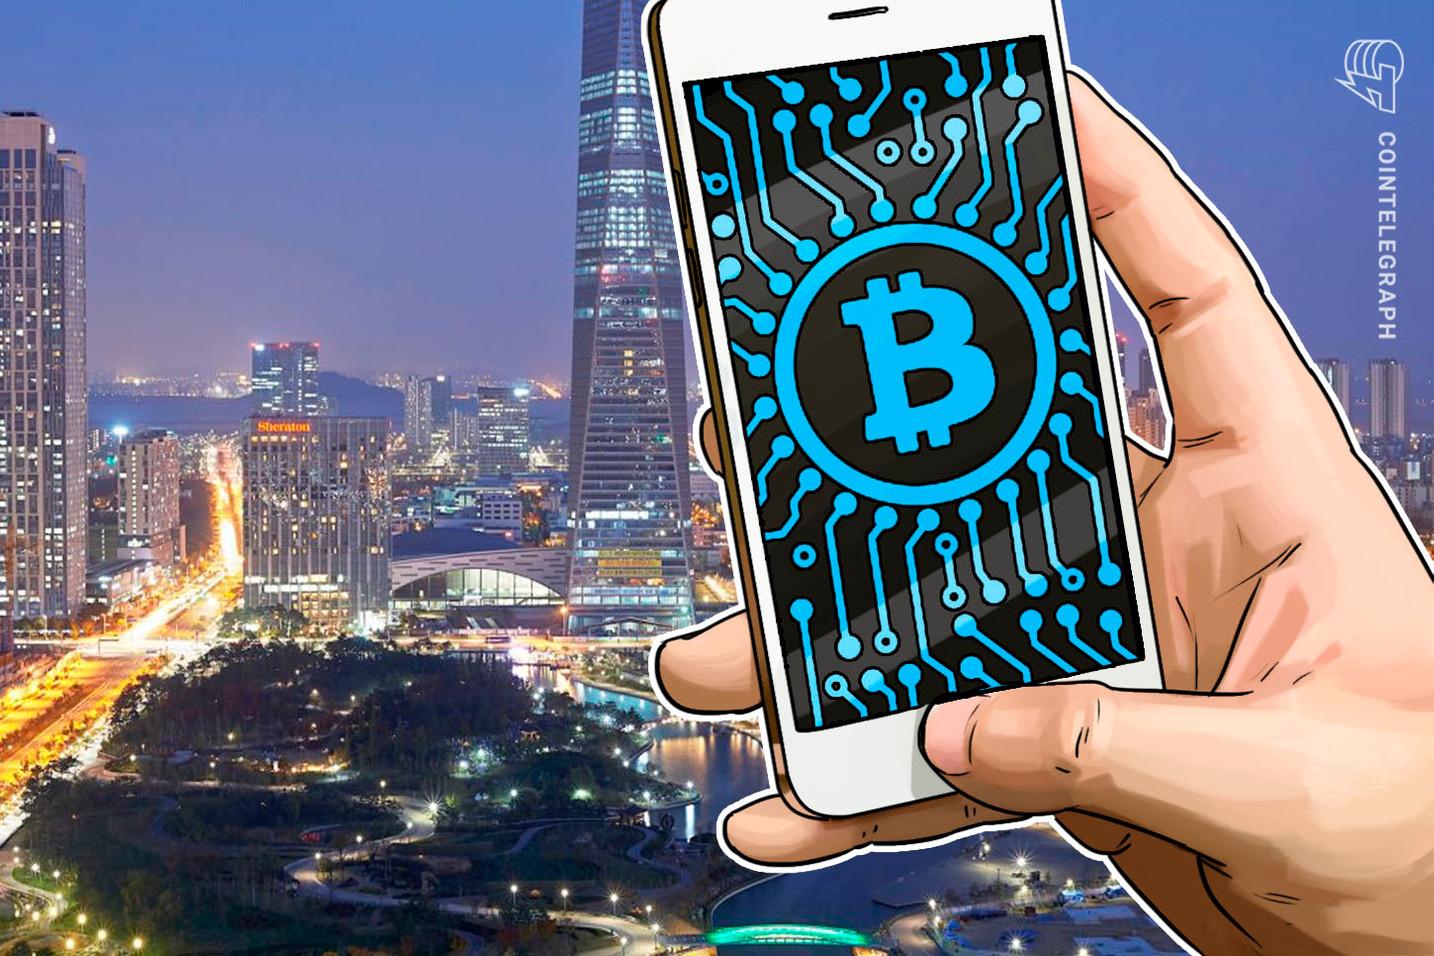 Sin confirmar: criptoempresa Enjin respaldará la rumoreada billetera blockchain del Samsung Galaxy S10